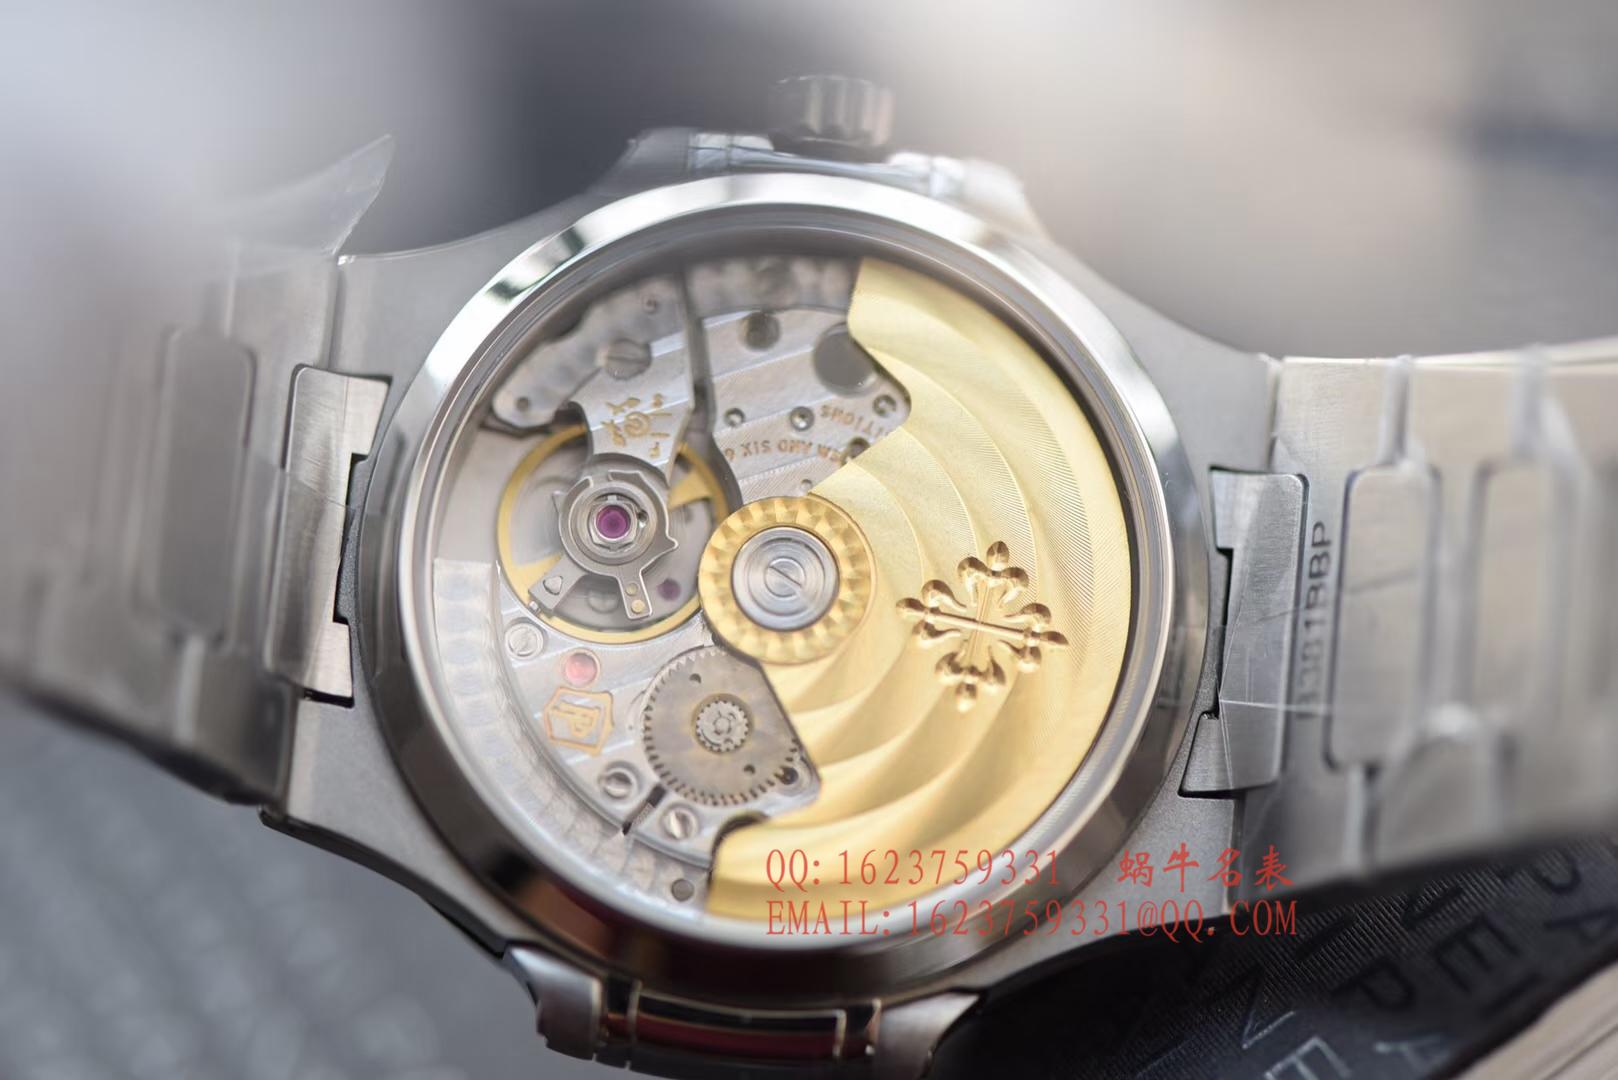 【PF一比一超A高仿手表】百达翡丽运动系列7118/1A-011女士腕表(鹦鹉螺)